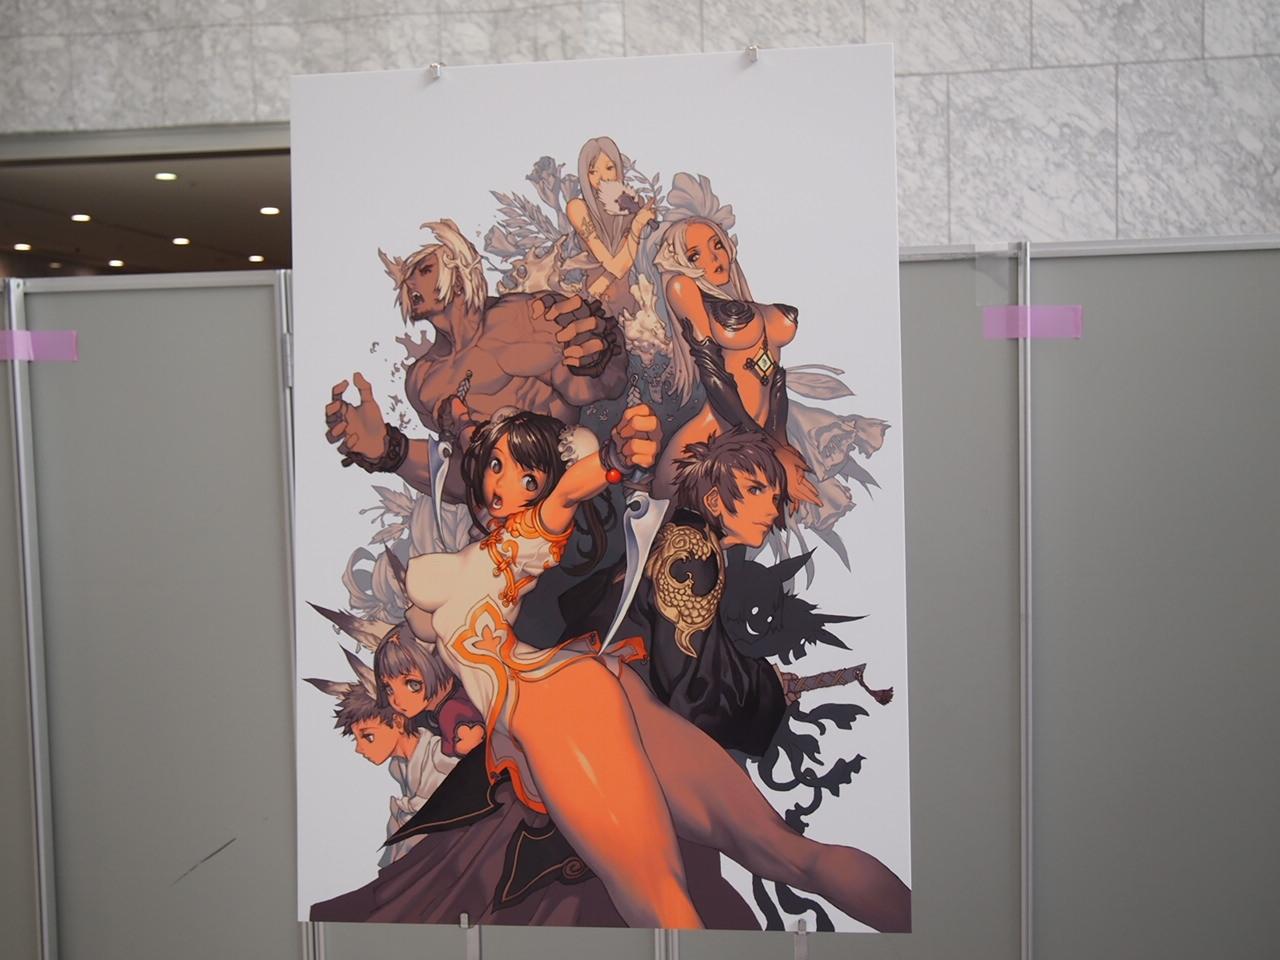 会場にはコンセプトアートなどが展示され、来場者の目を楽しませていた